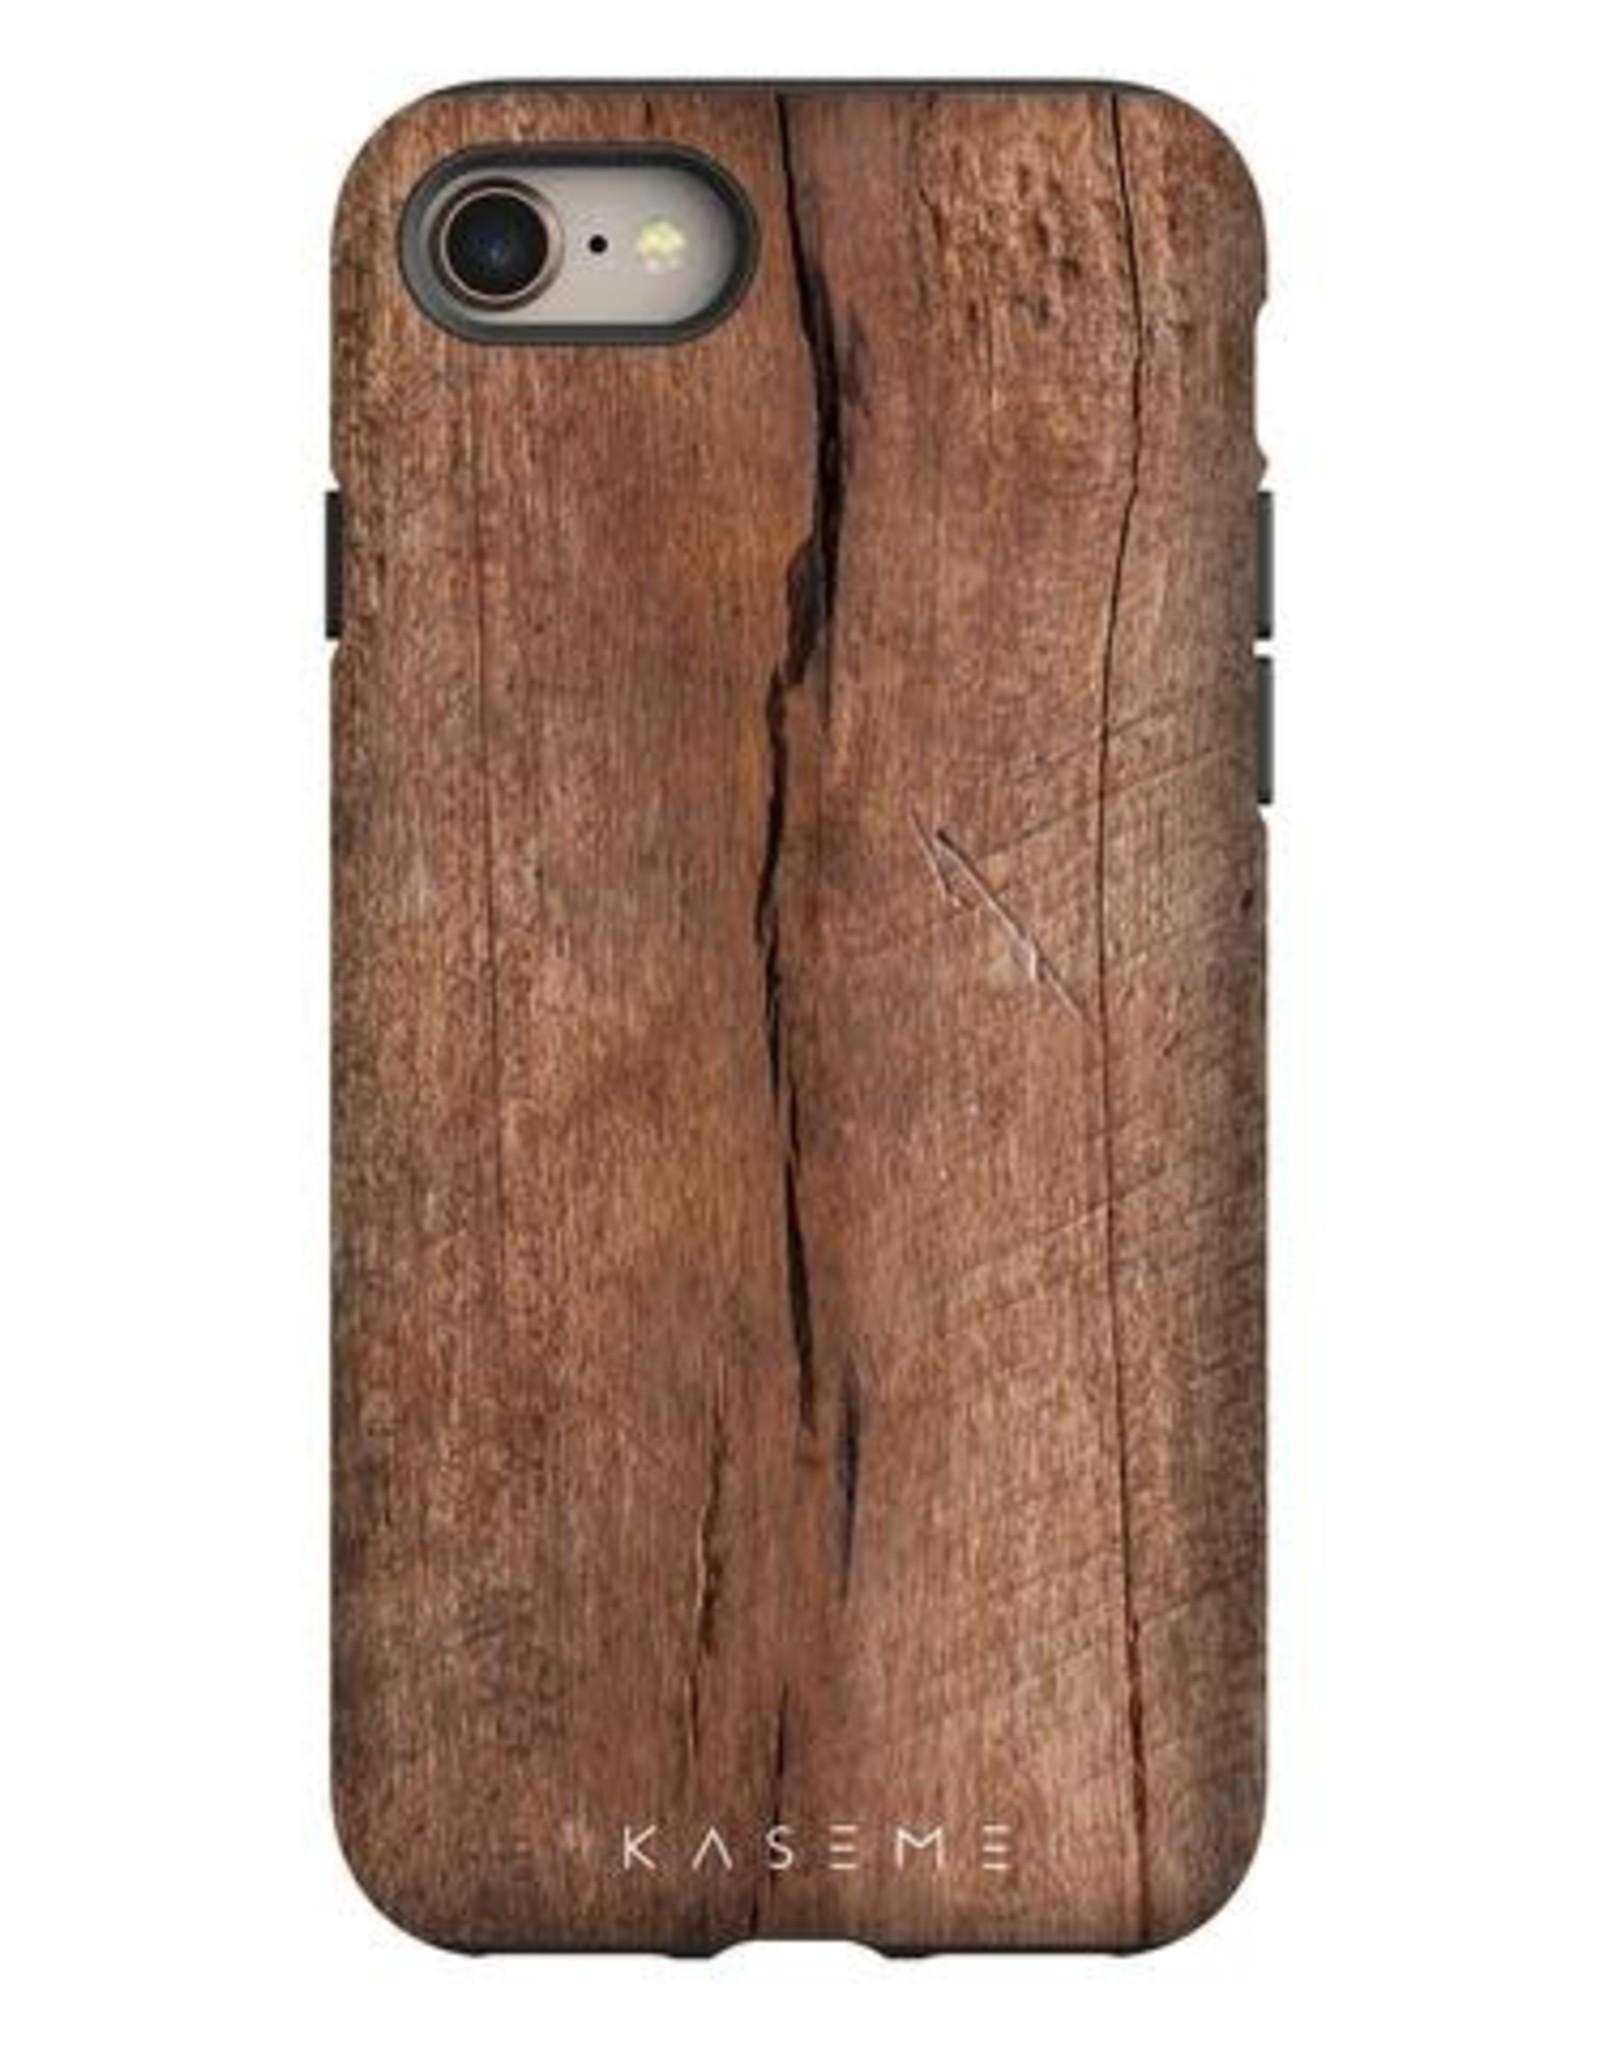 Kaseme Kaseme - étui cellulaire iPhone Samsung Galaxy le draveur